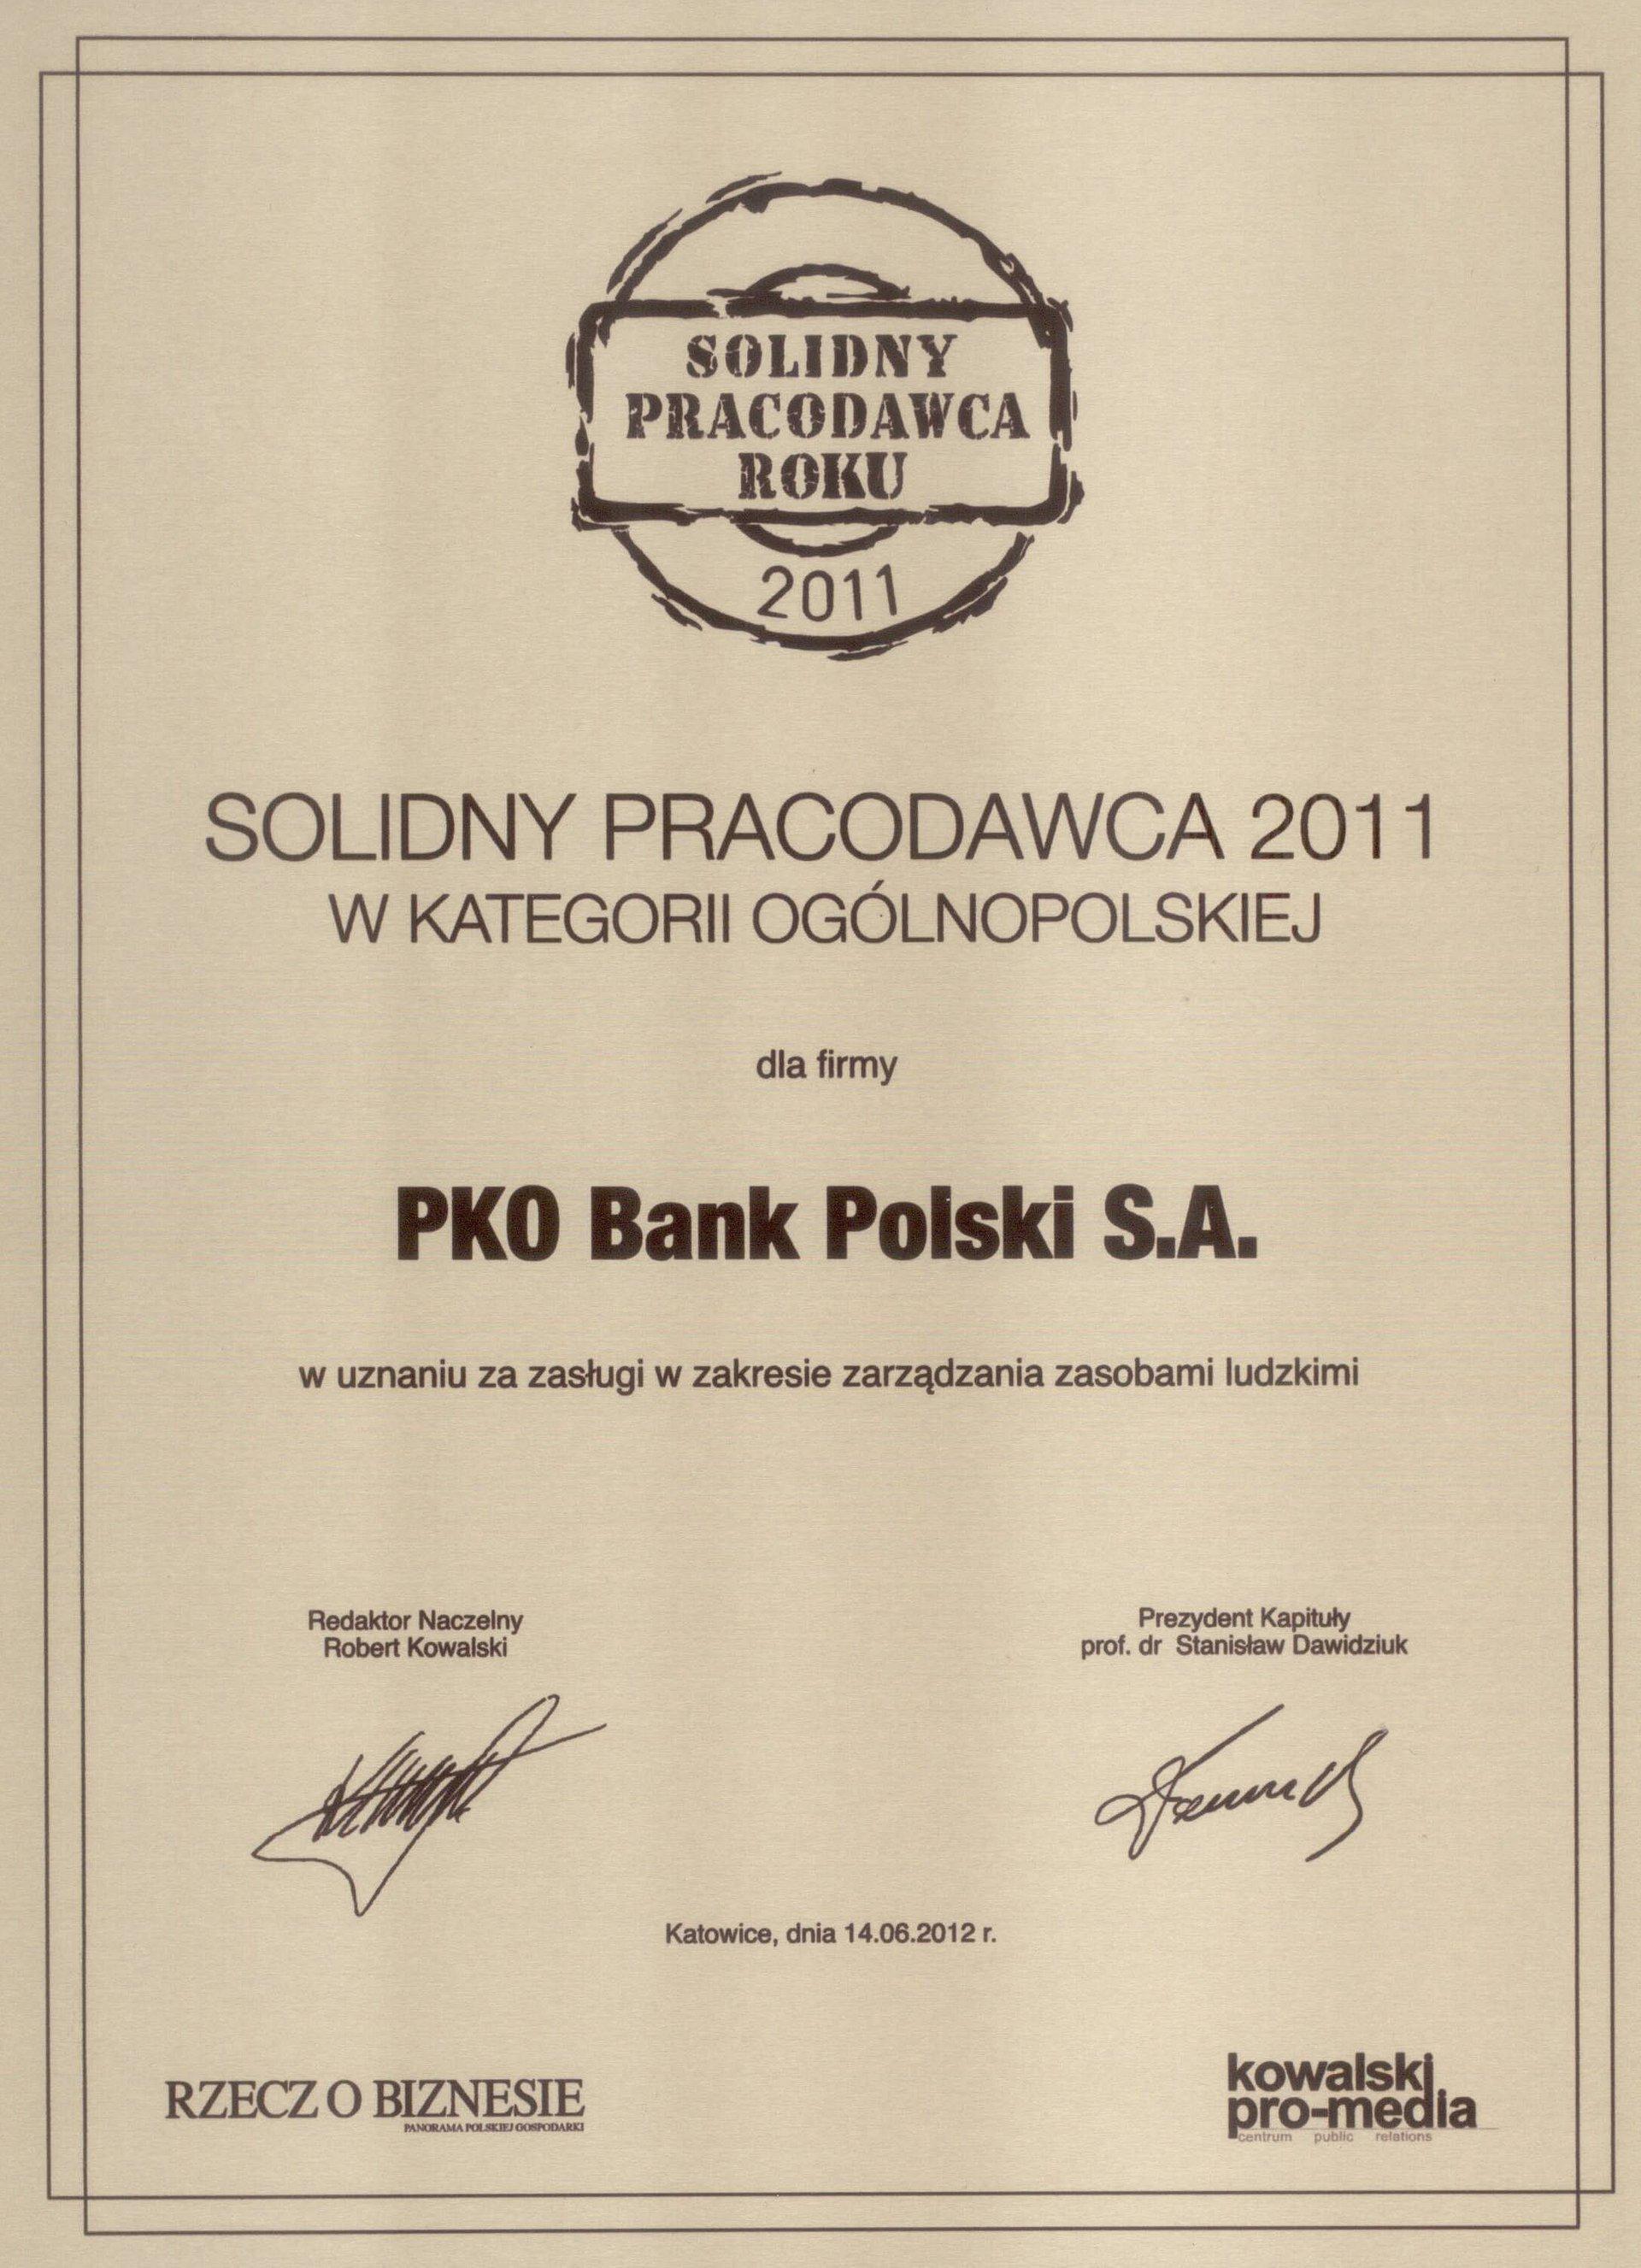 PKO Bank Polski - w gronie najlepszych pracodawców